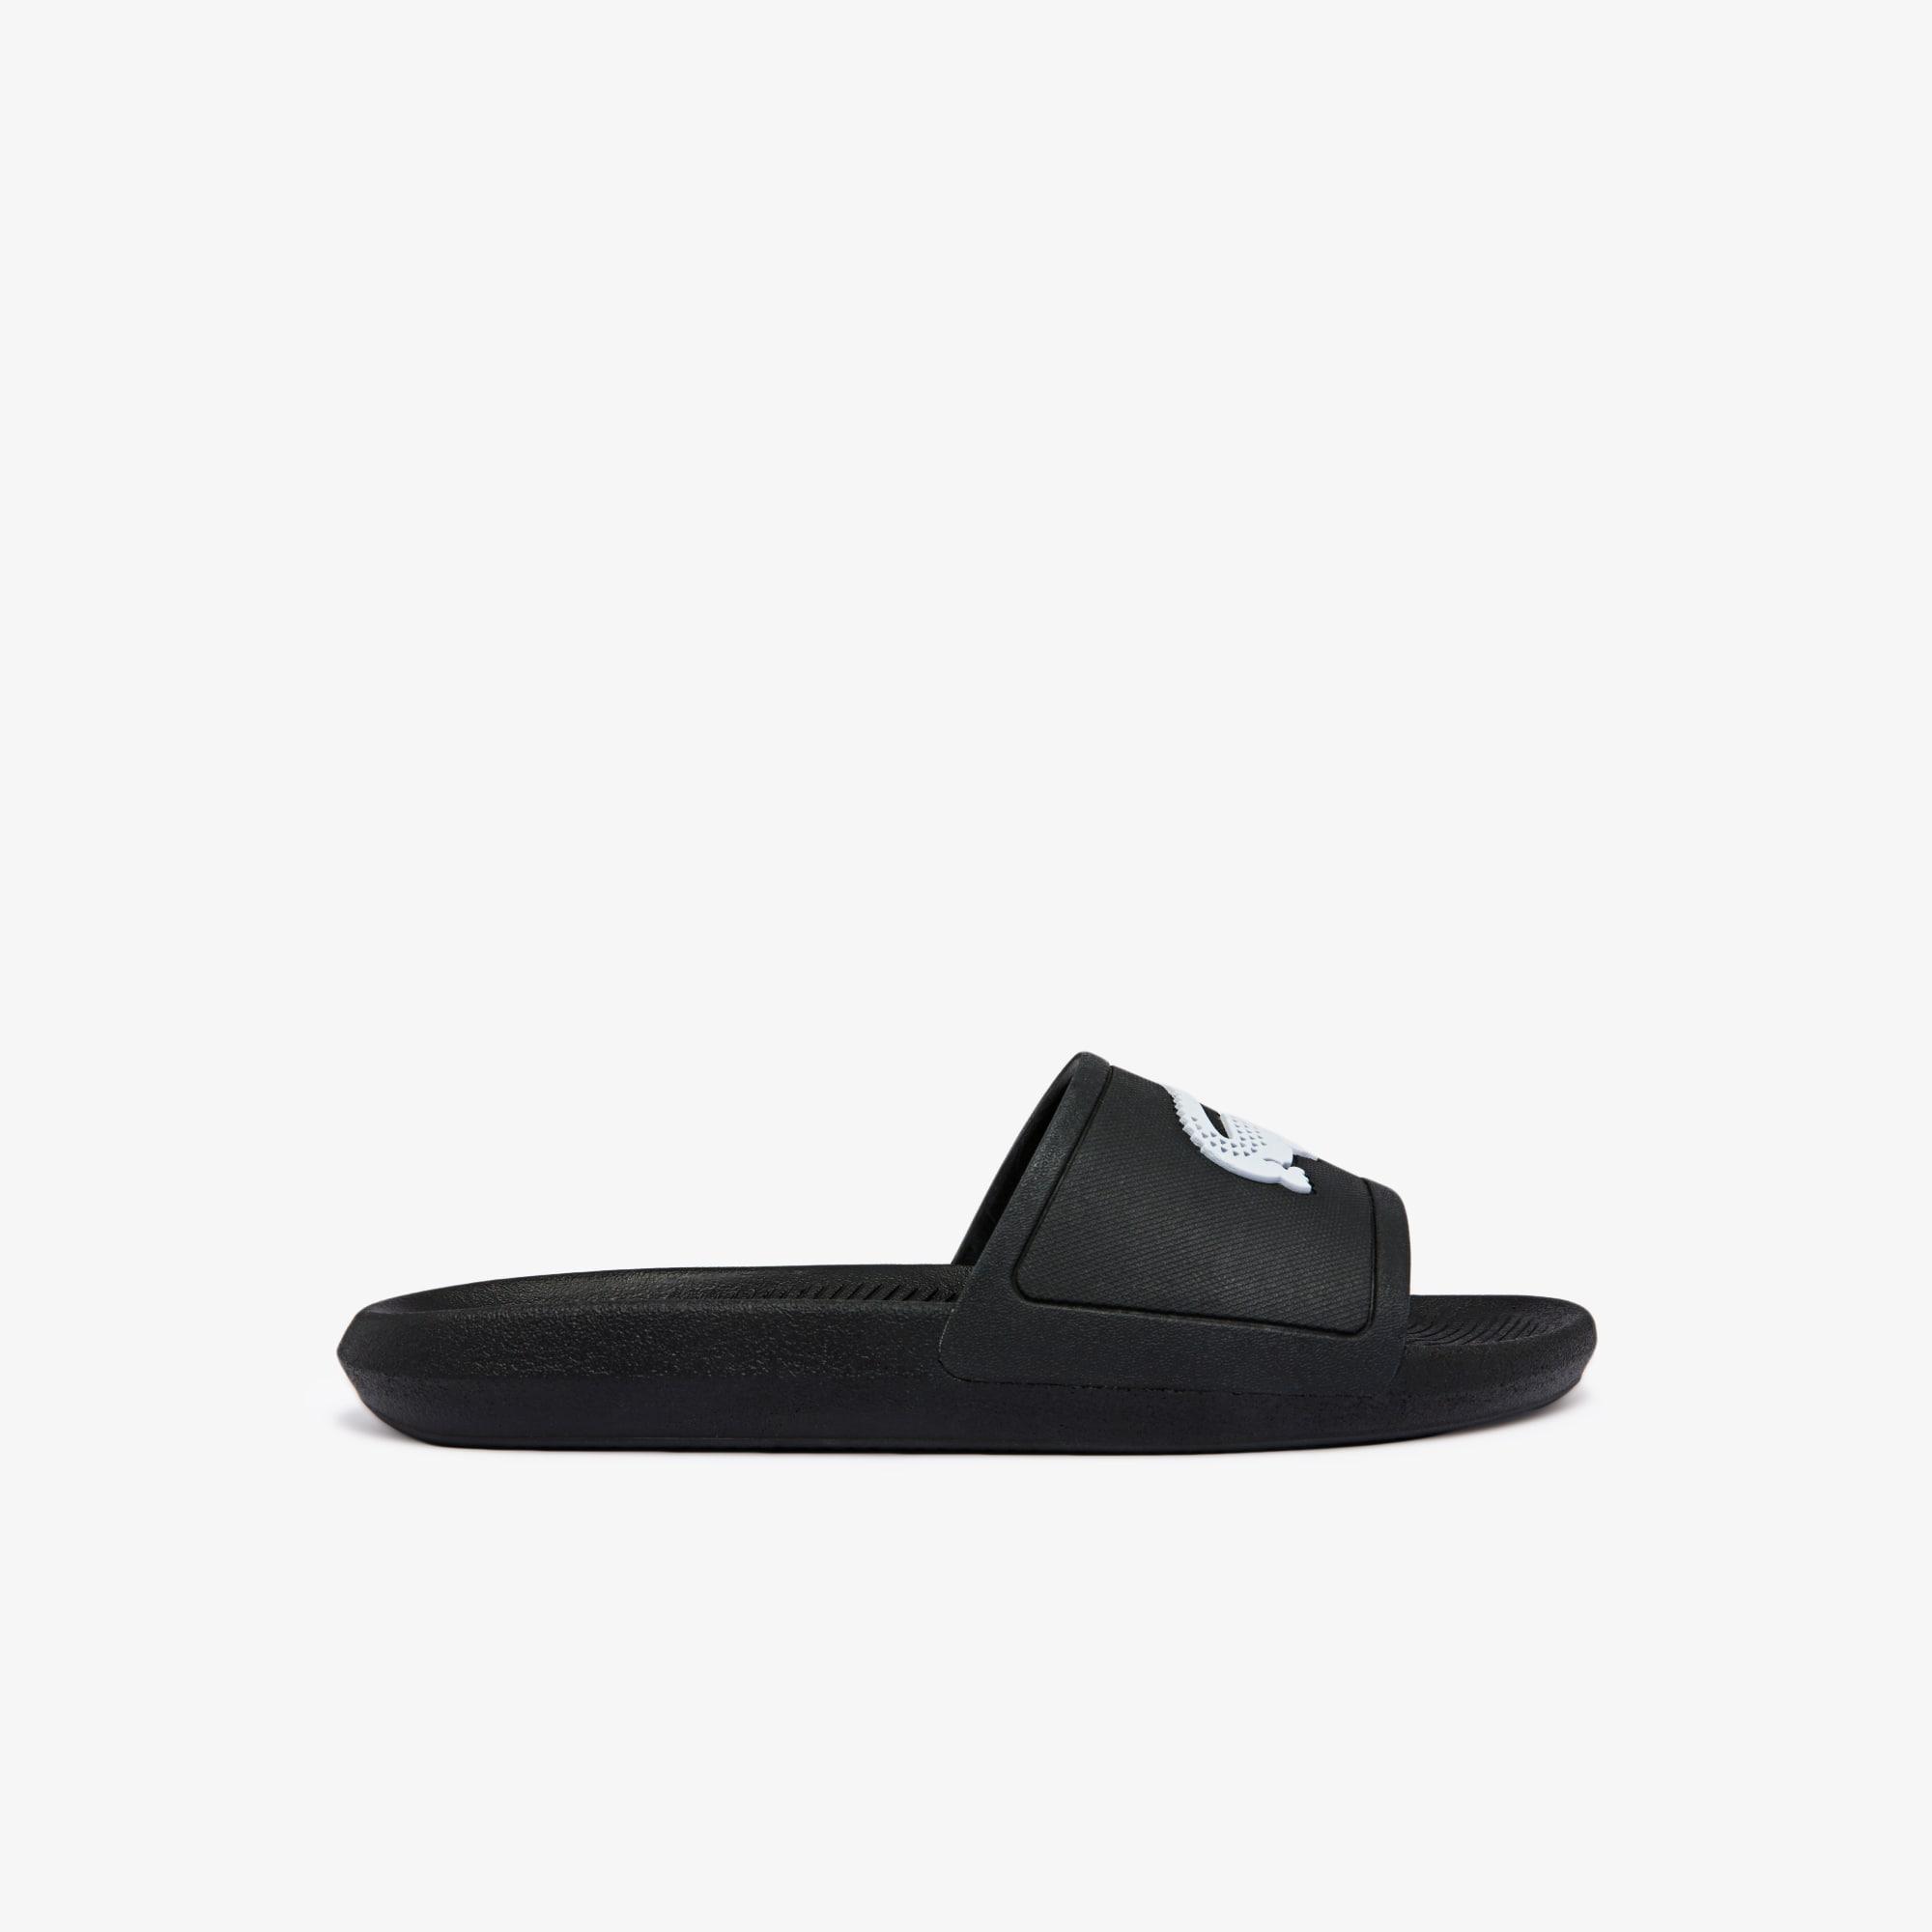 5799f2d9a3 Toutes les chaussures | Chaussures Homme | LACOSTE